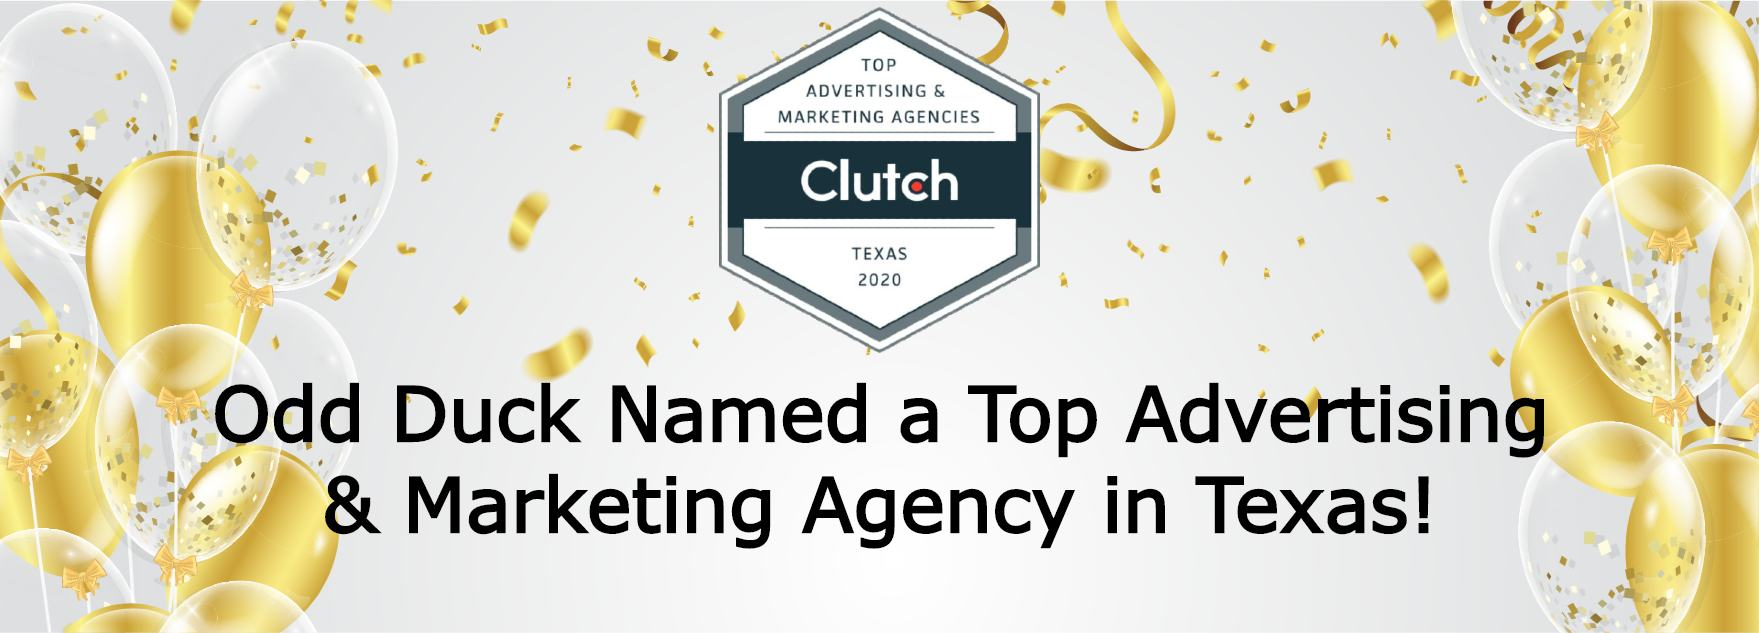 top marketing agencies texas san antonio odd duck media SEO